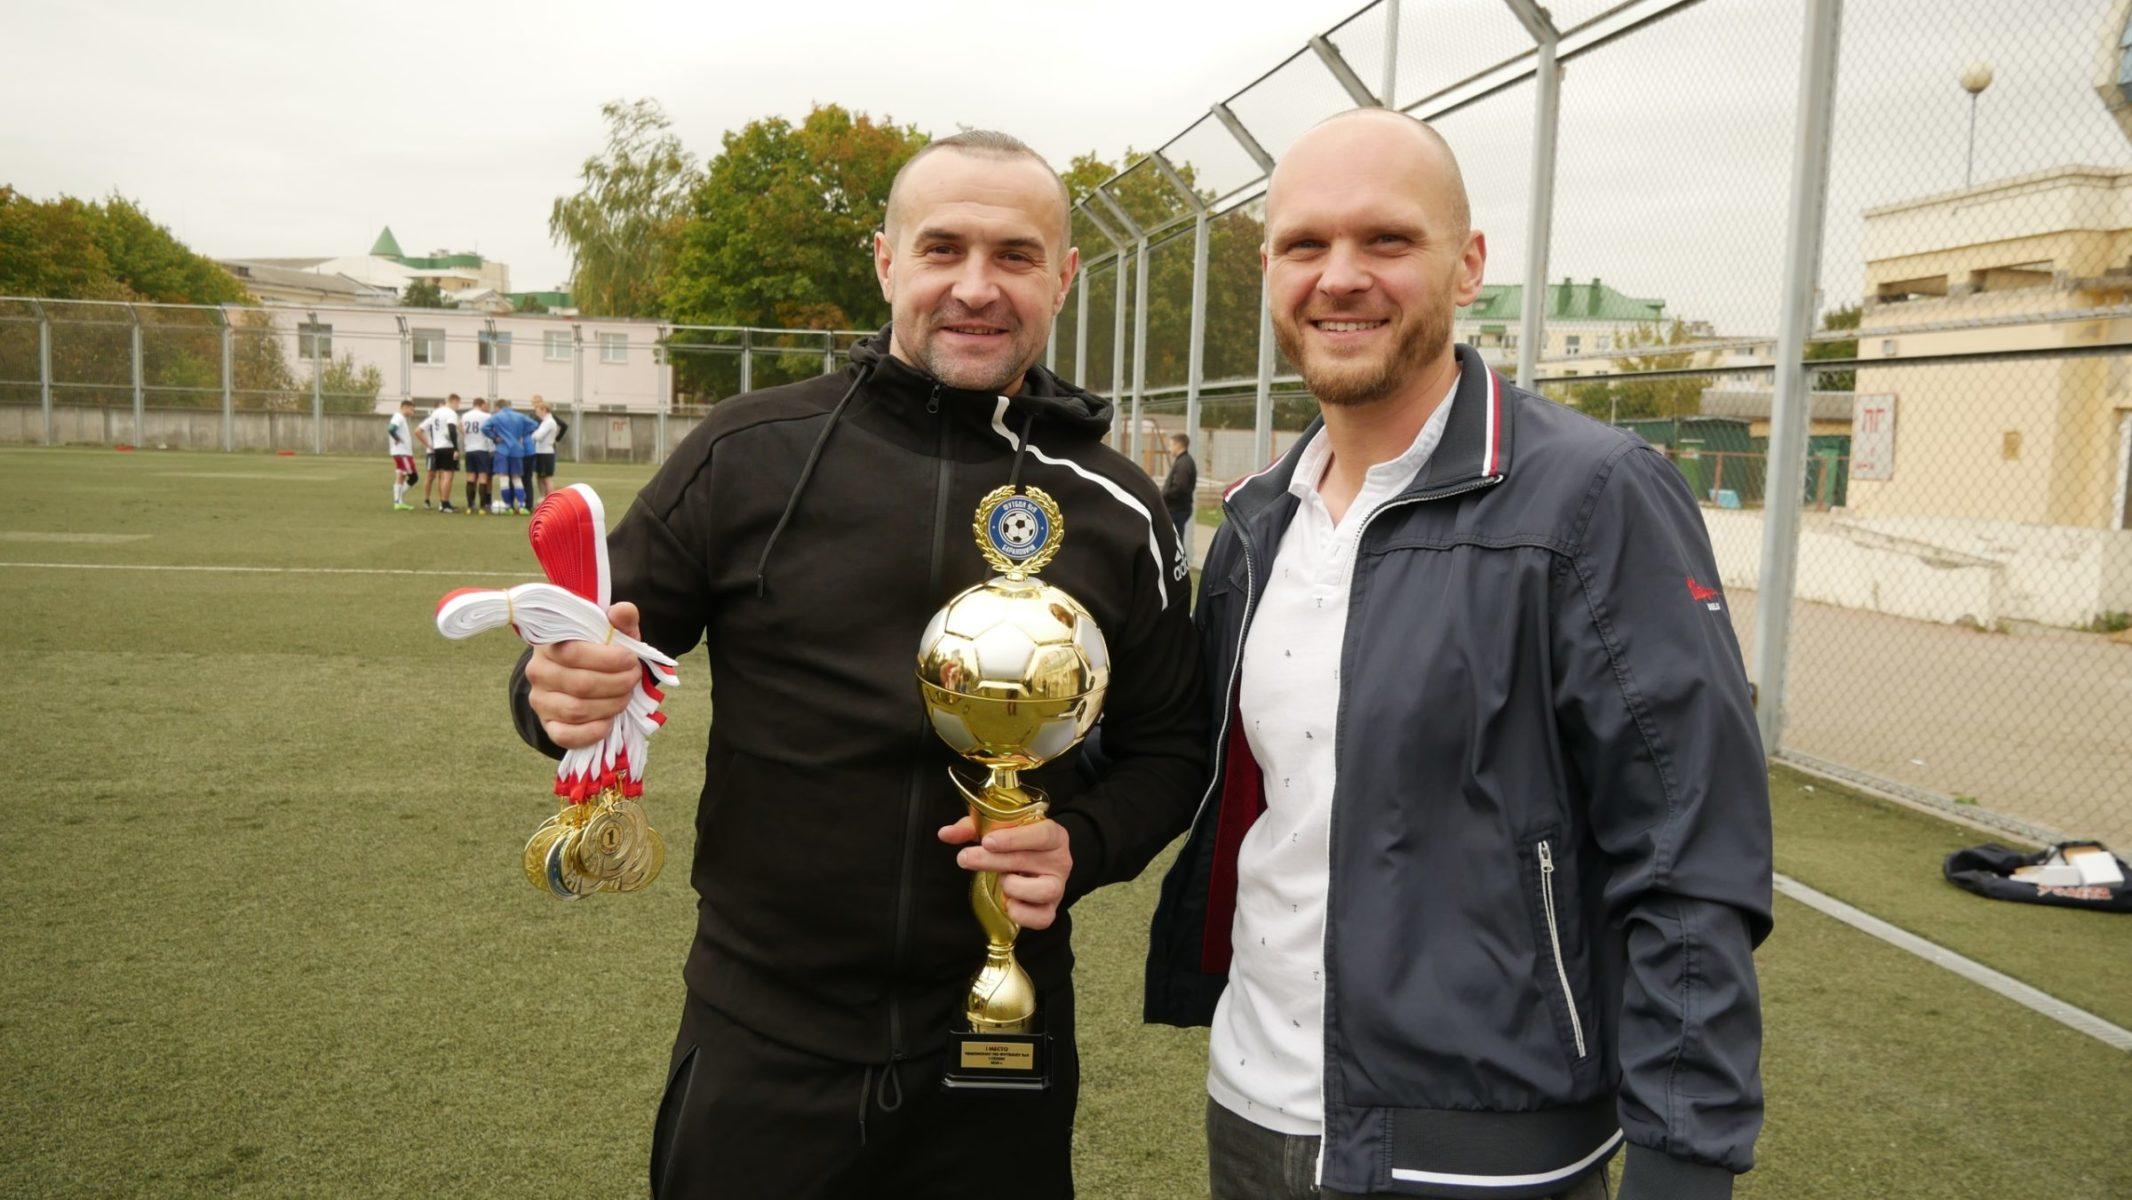 Организатор чемпионата Барановичей по футболу 9х9, арбитр международной категории по футзалу Павел Шупилов (справа) вручает победный Кубок тренеру